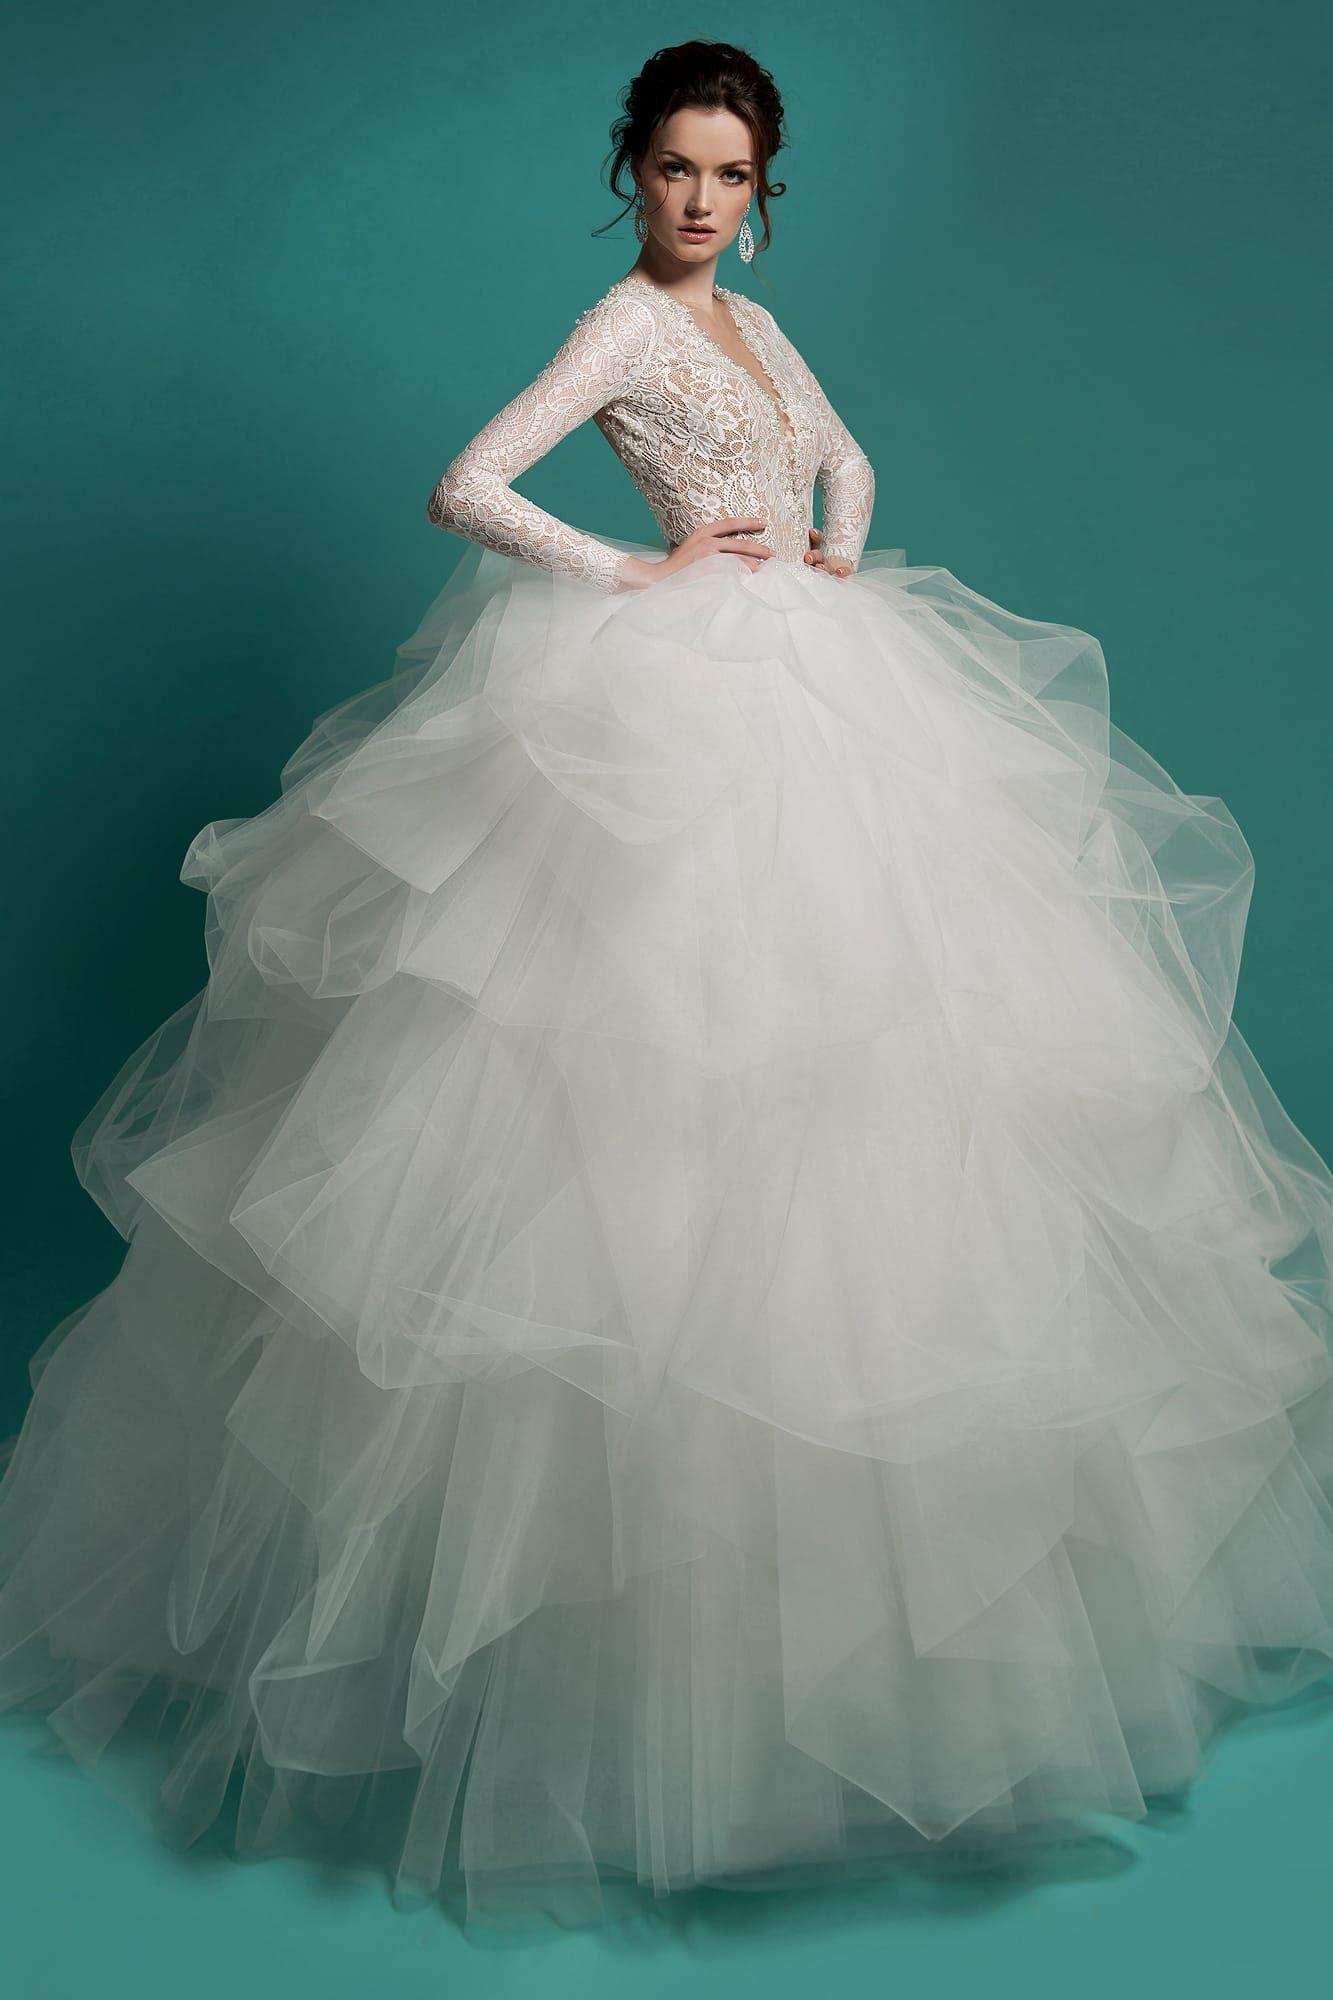 df53f5aaa7318de Свадебное платье Gabbiano Valentine. Купить свадебное платье в салоне  Валенсия (Москва)